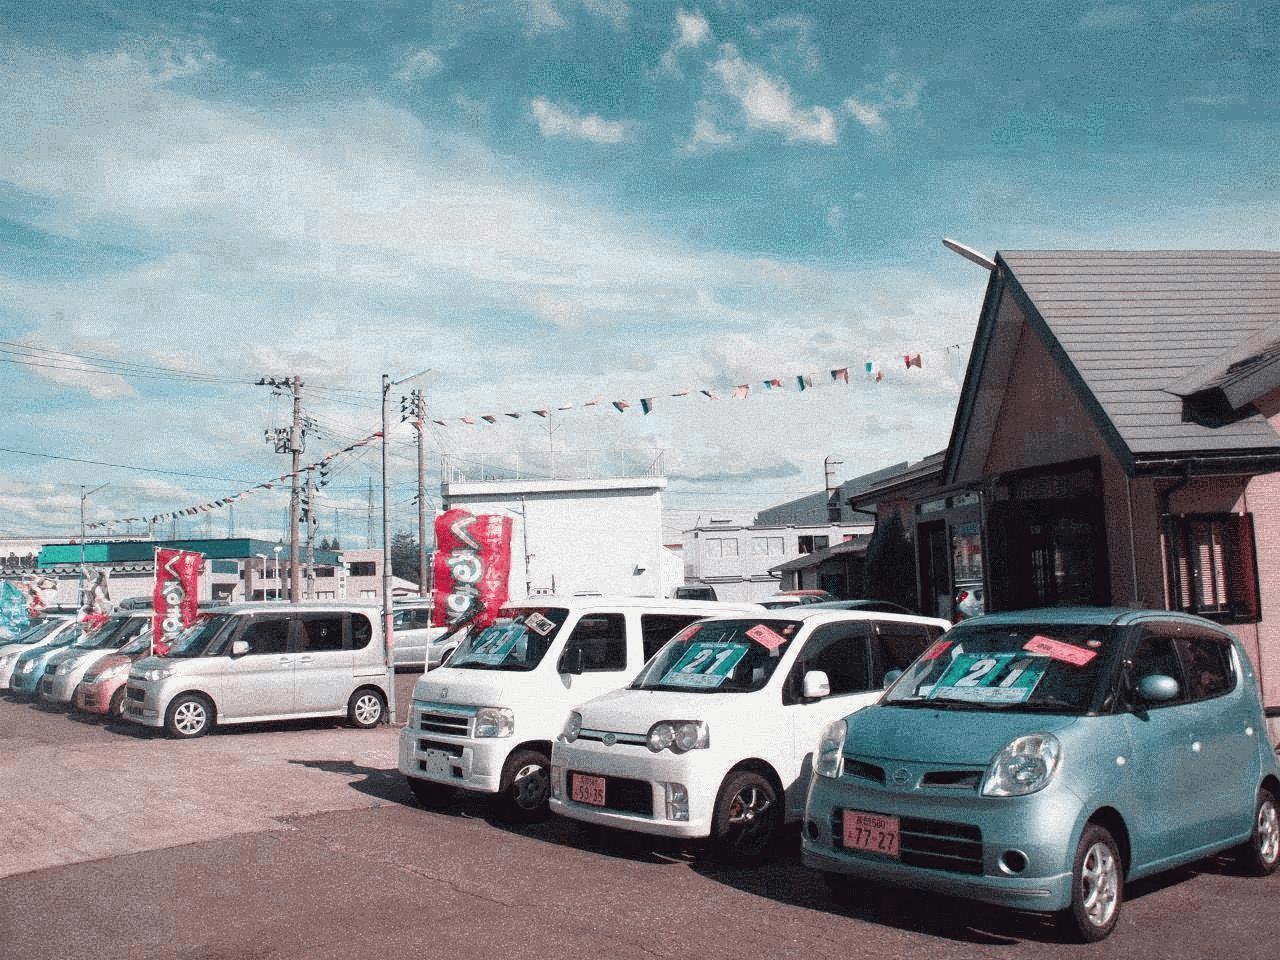 car shop Fit(フィット)